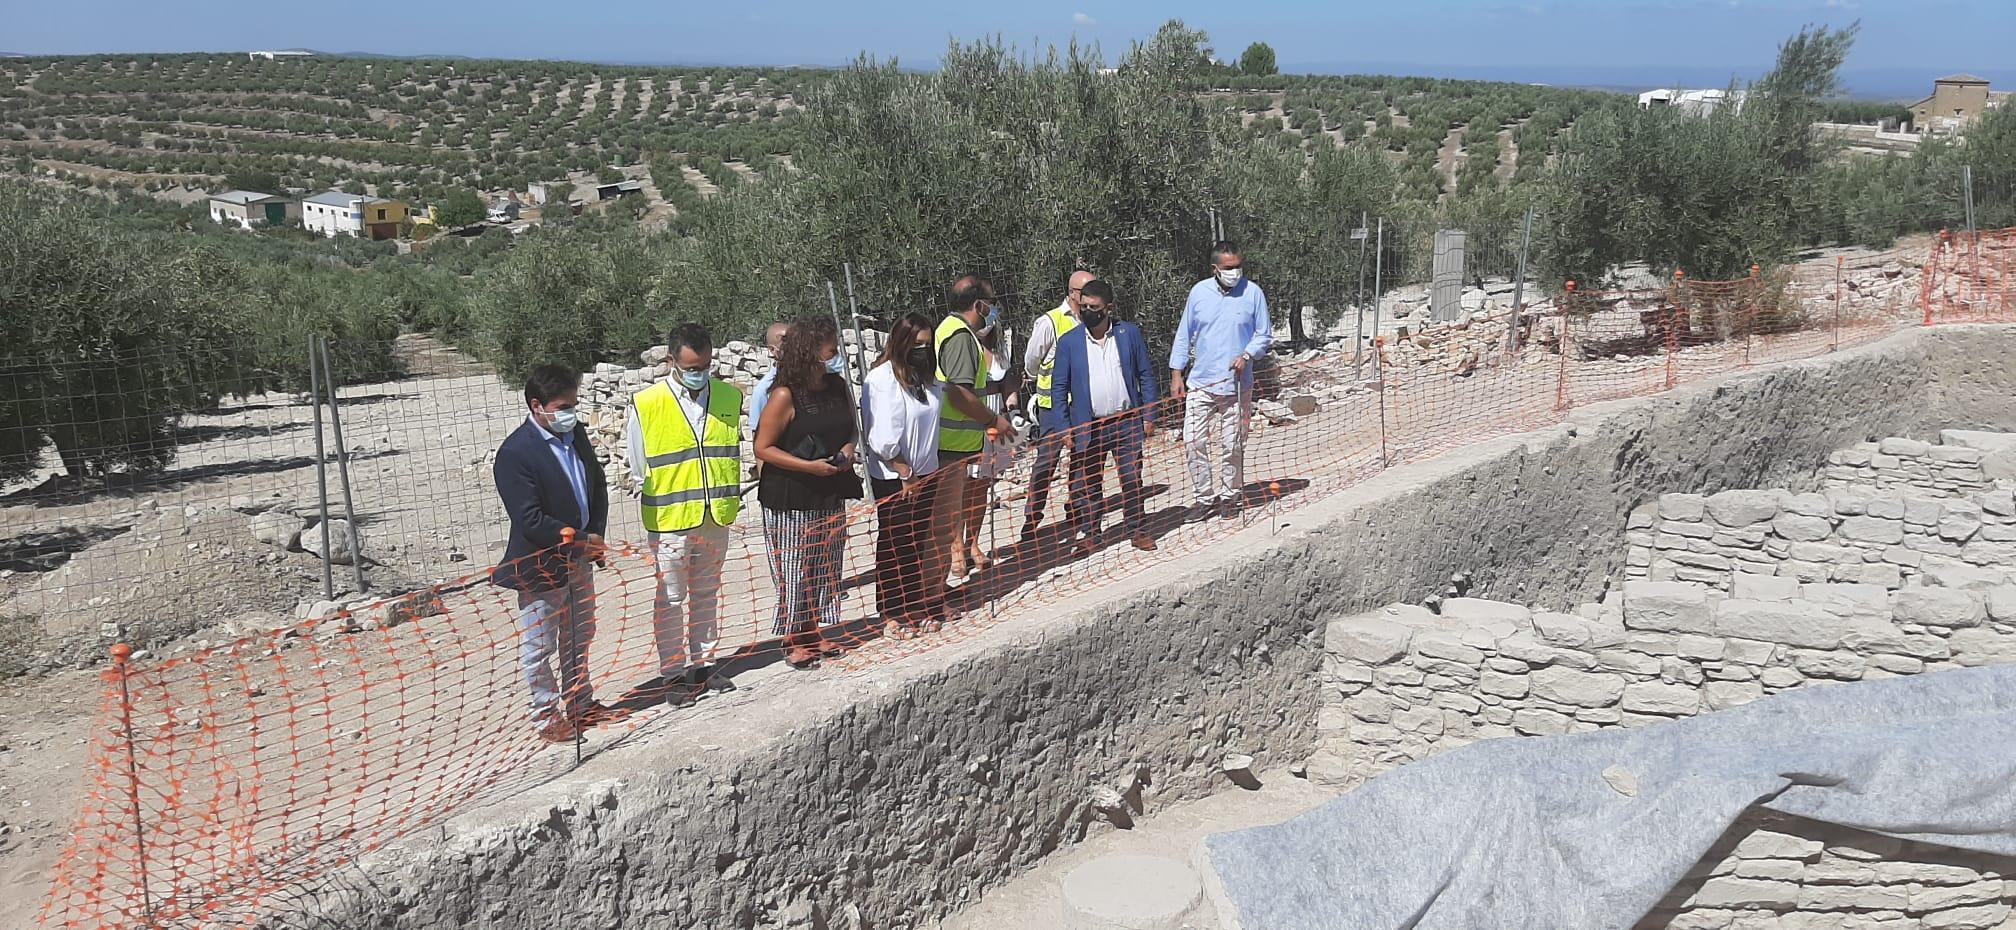 La subdelegada destaca la inversión del Gobierno de 1,2 millones de euros para la rehabilitación de la Cisterna Romana «La Calderona» de Porcuna